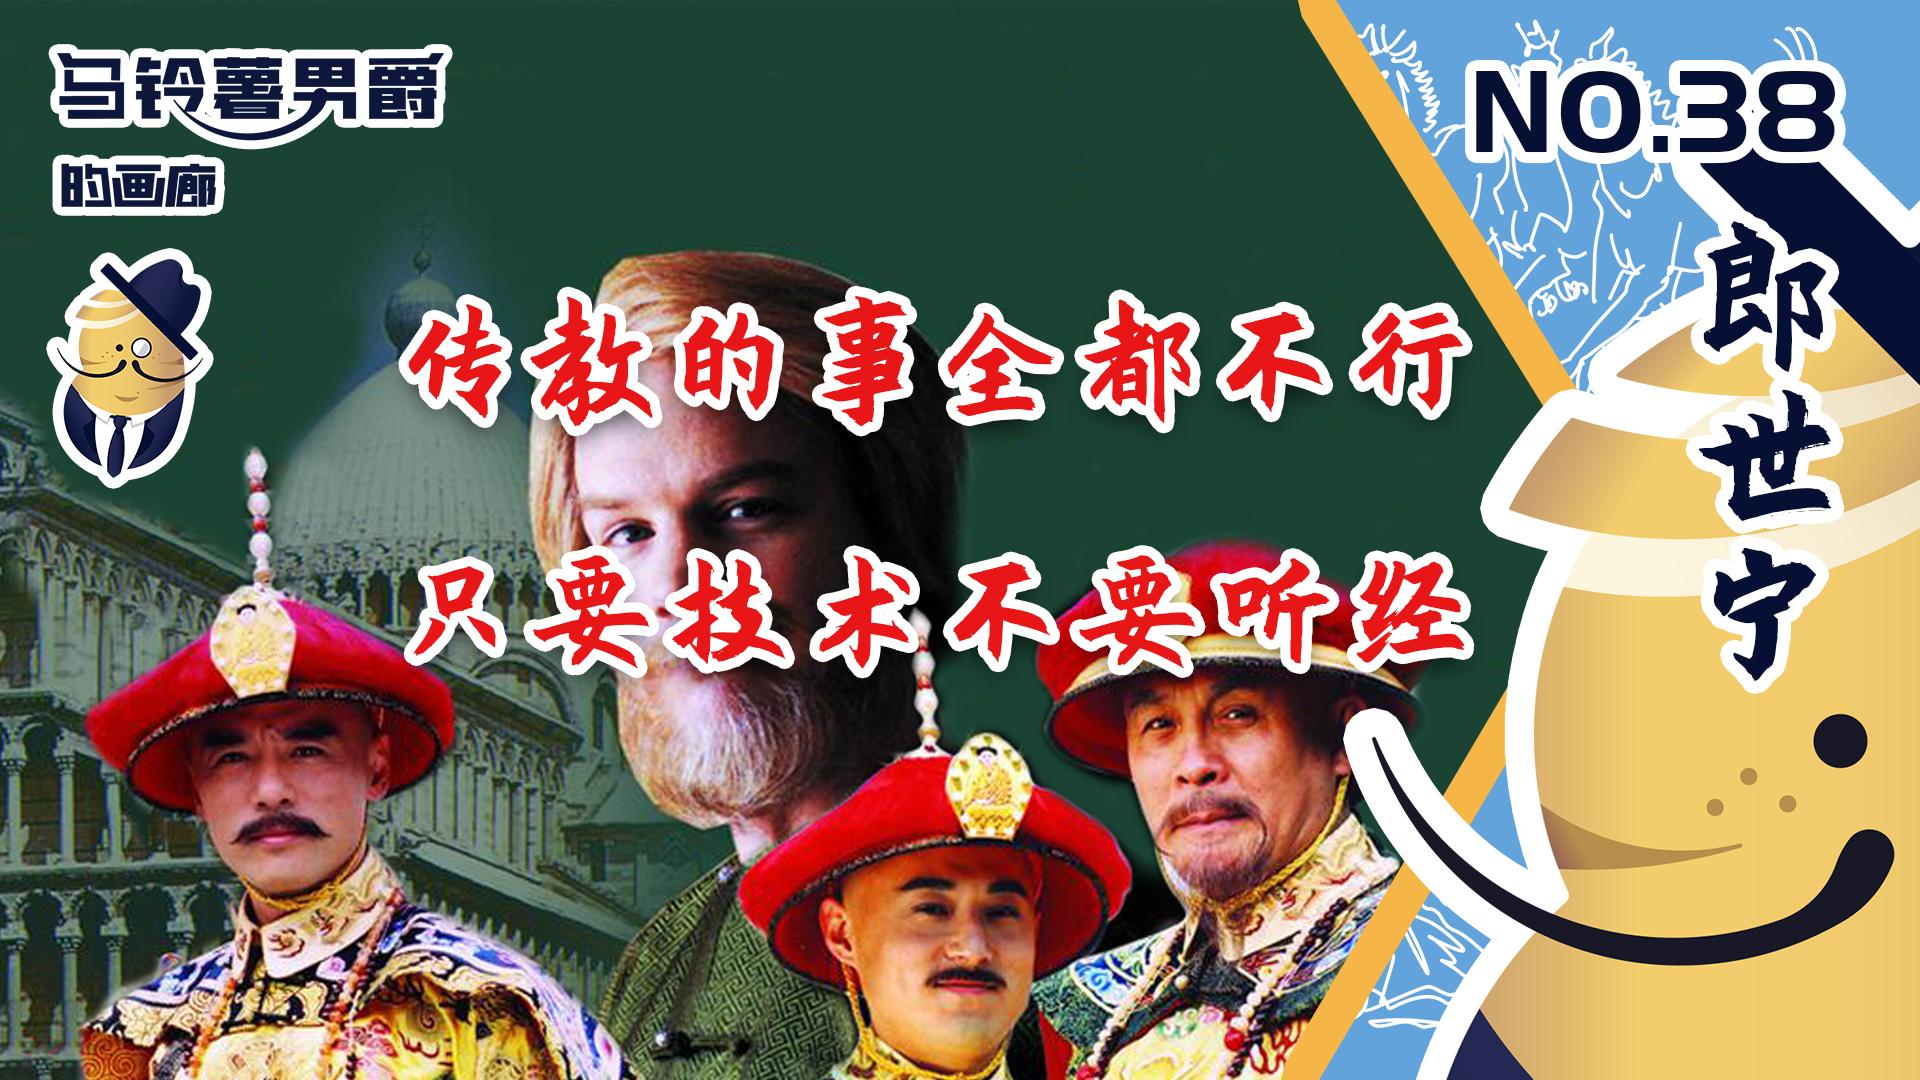 【男爵画廊】中国十大名画,竟有一幅是外国人画的?!